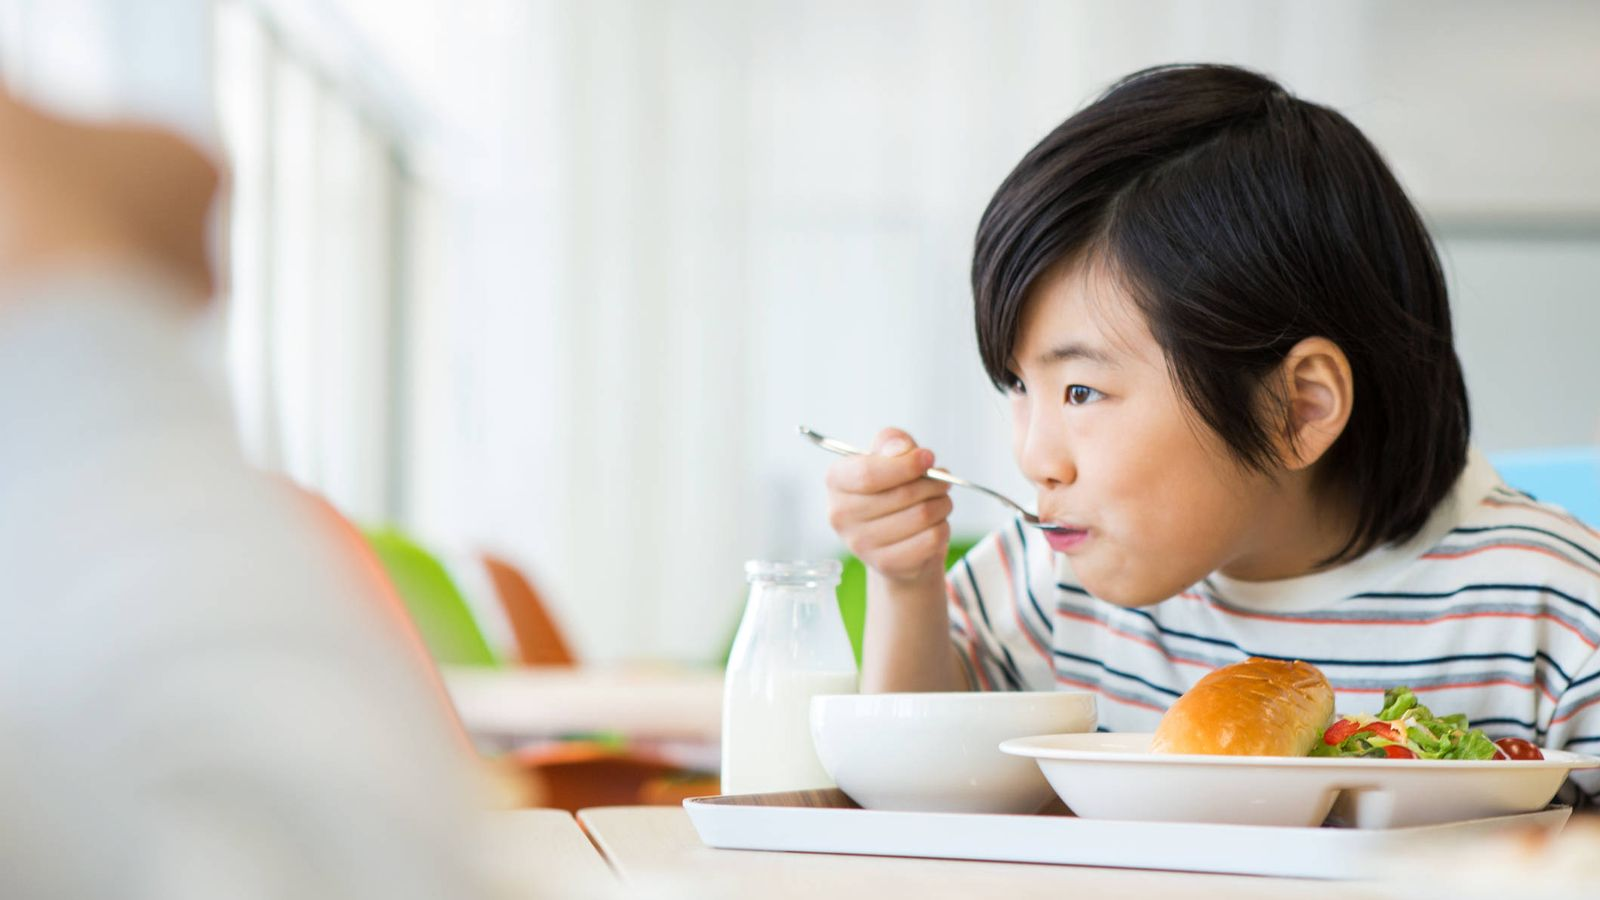 Foto: Nutrición infantil en Japón. ¿Un modelo que debemos imitar? (iStock)